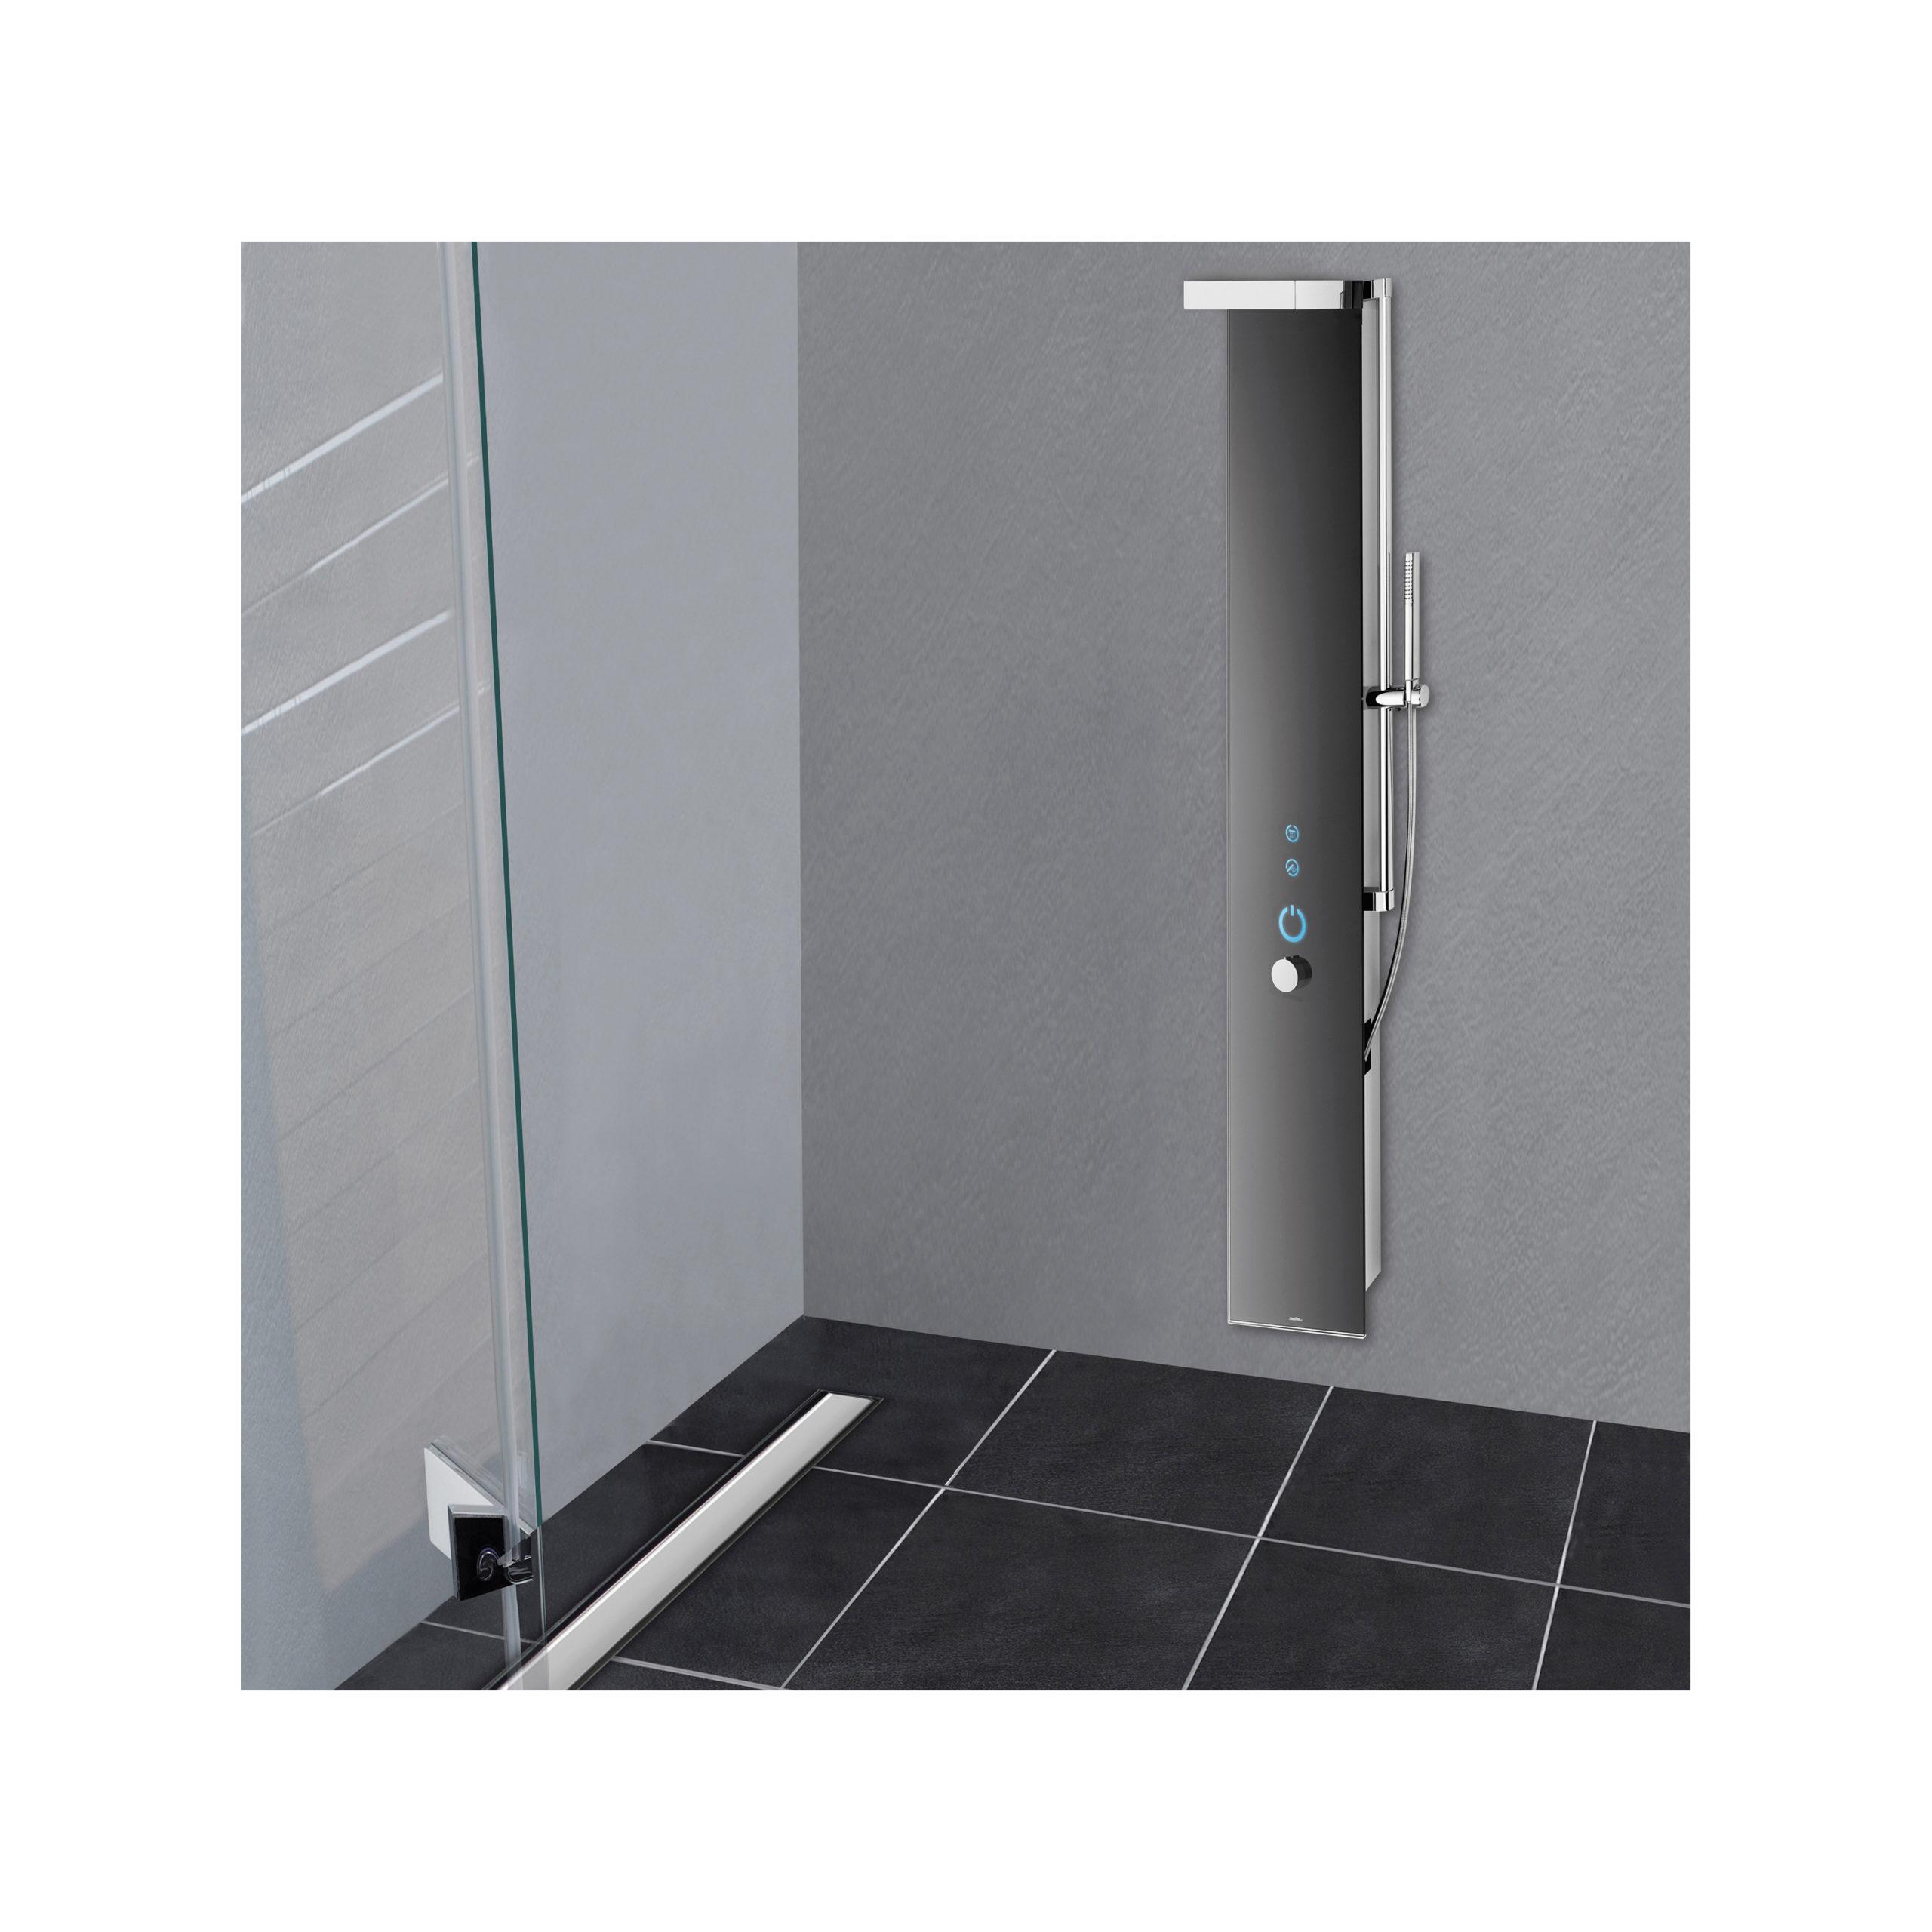 Glamü GmbH Bequemer Zutritt zur Dusche durch weite Öffnung der Türen und die bodengleiche Duschrinne.